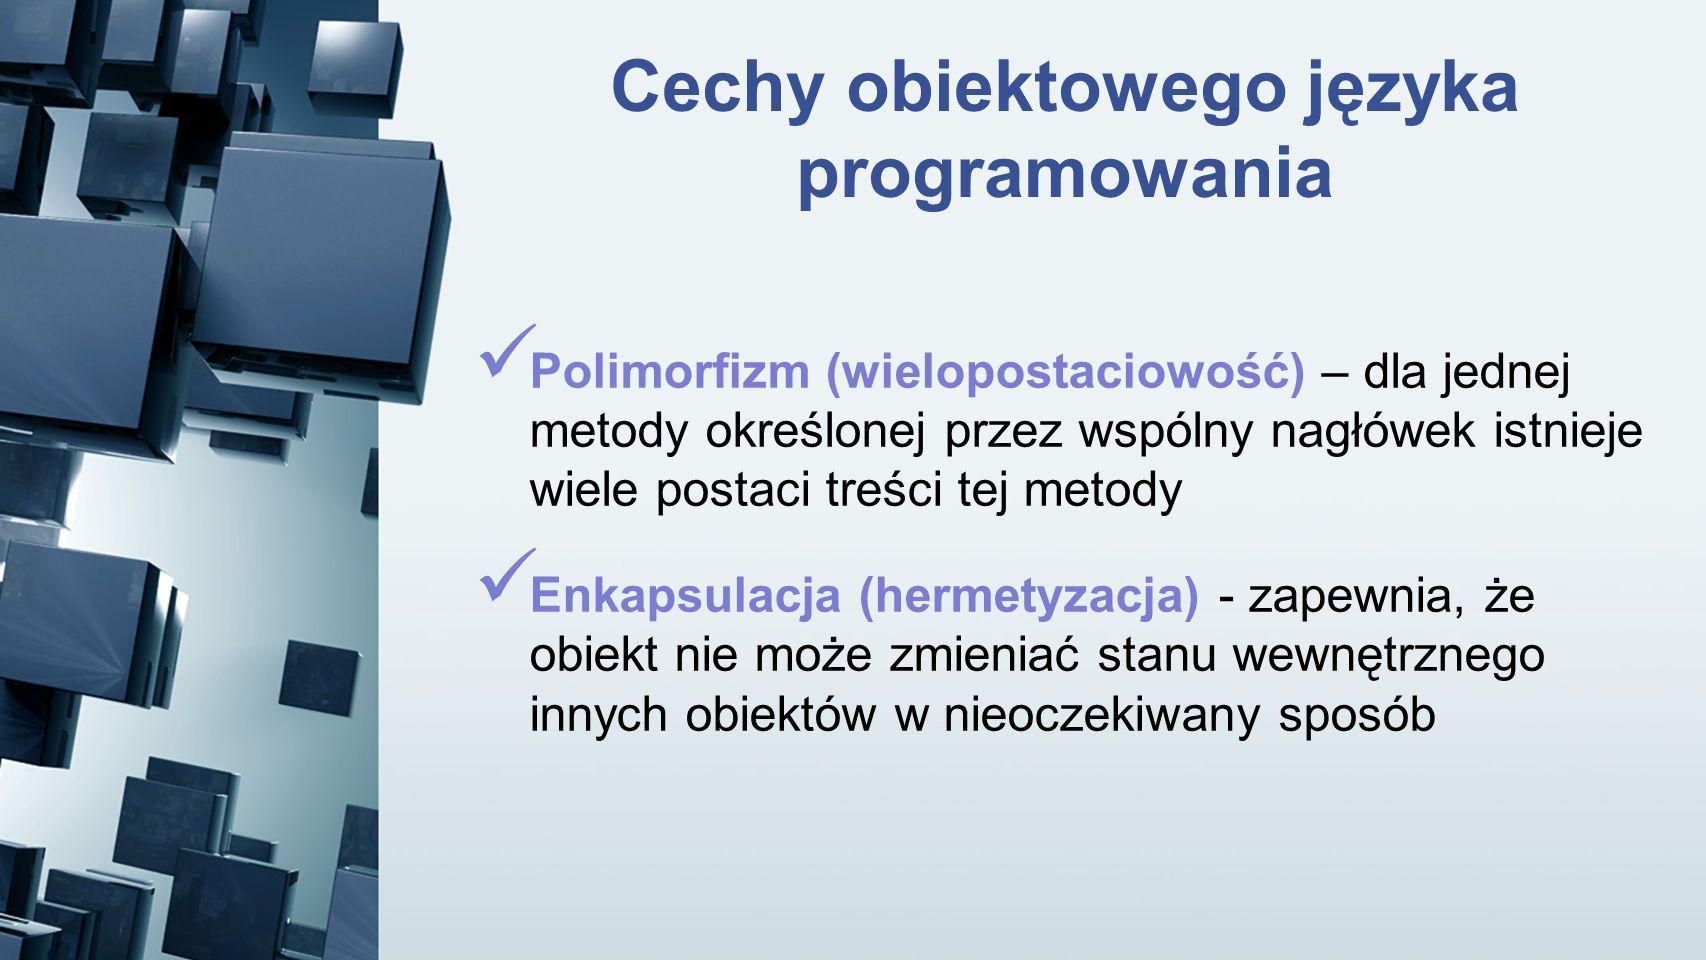 Cechy obiektowego języka programowania Polimorfizm (wielopostaciowość) – dla jednej metody określonej przez wspólny nagłówek istnieje wiele postaci tr